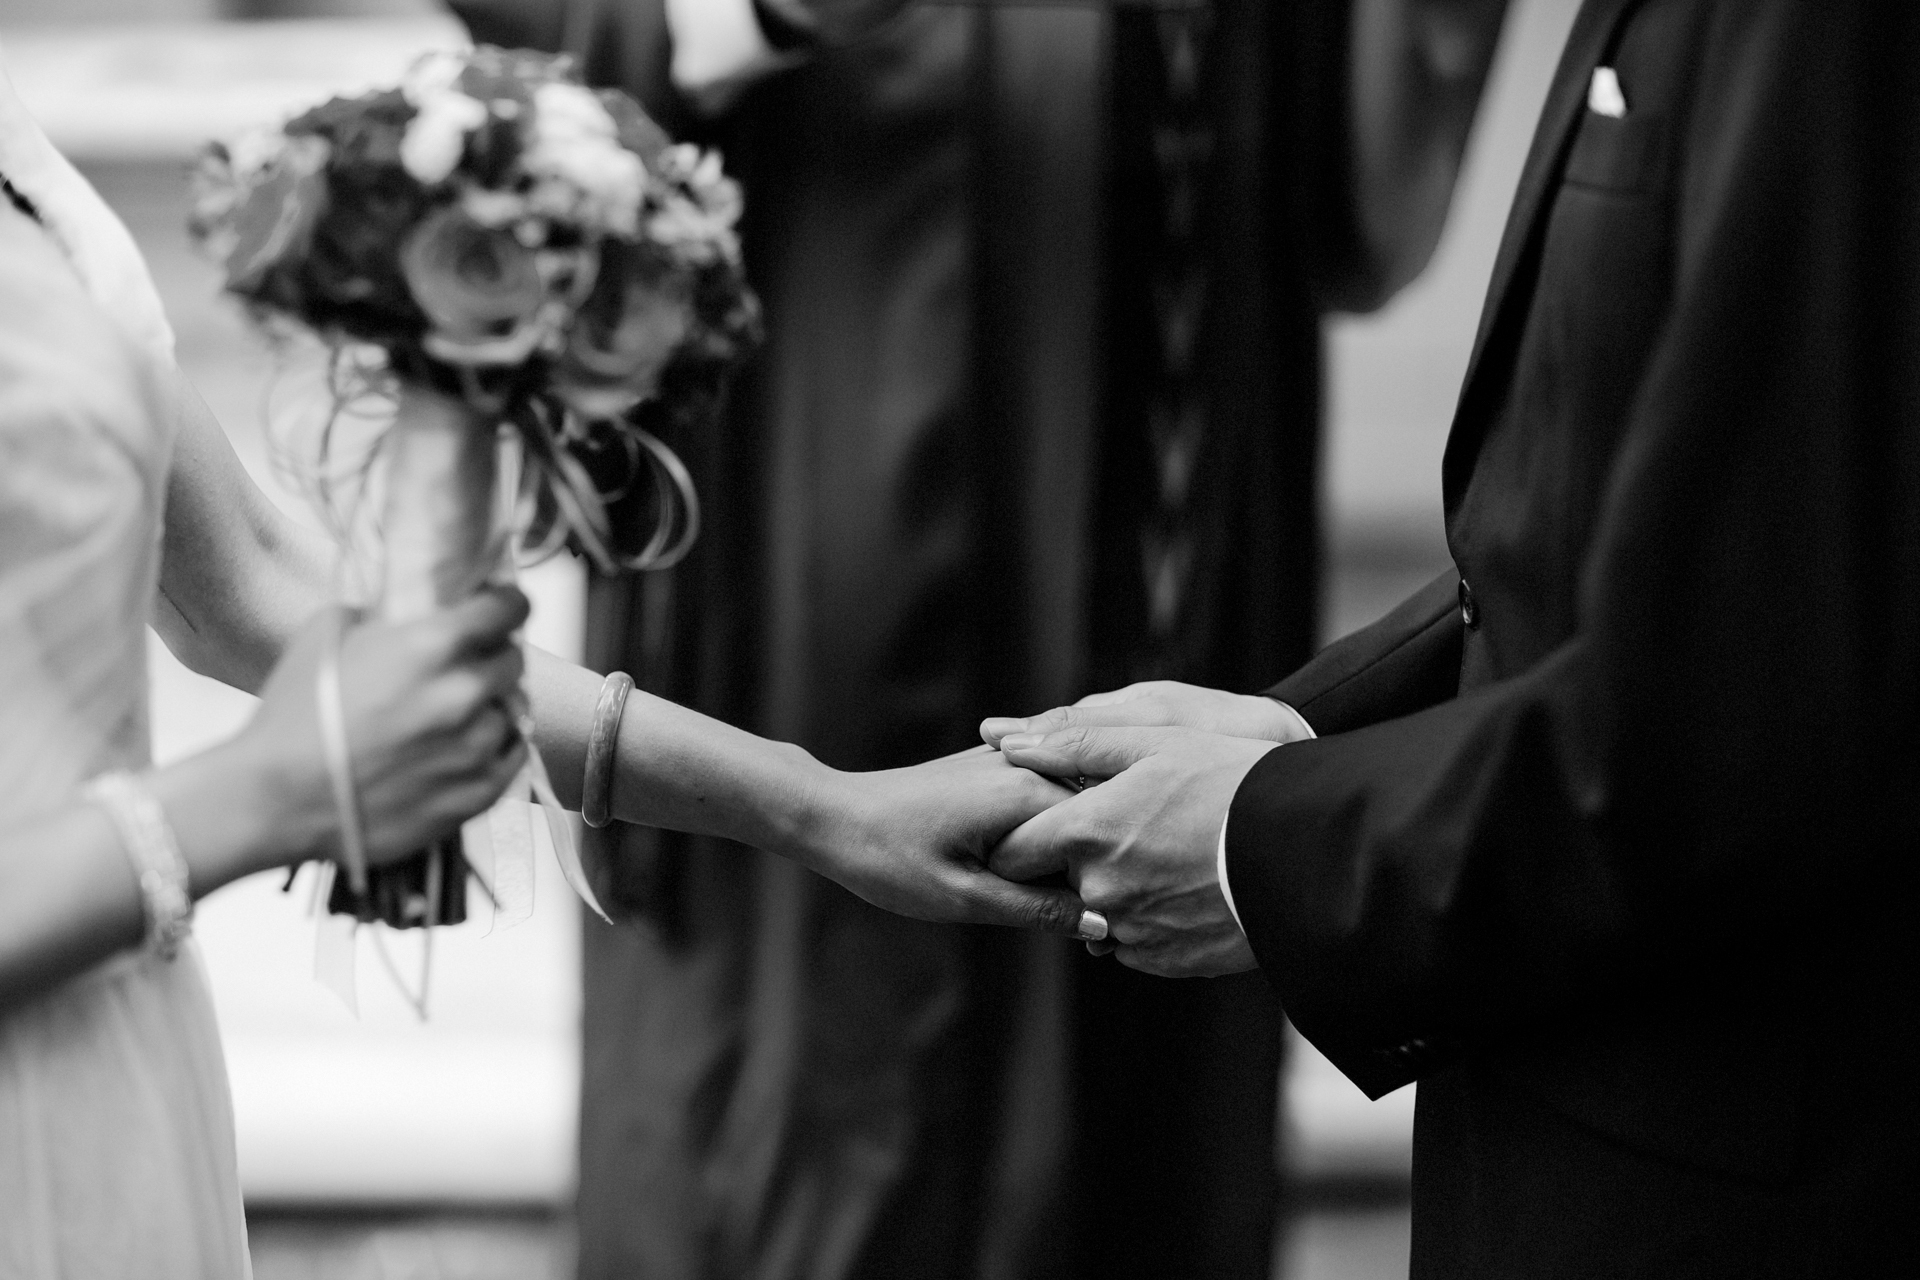 Fotos der kalifornischen Elopement-Zeremonie im Freien | Das Paar teilt einen süßen Moment, als sie endlich die Hände am Altar halten können